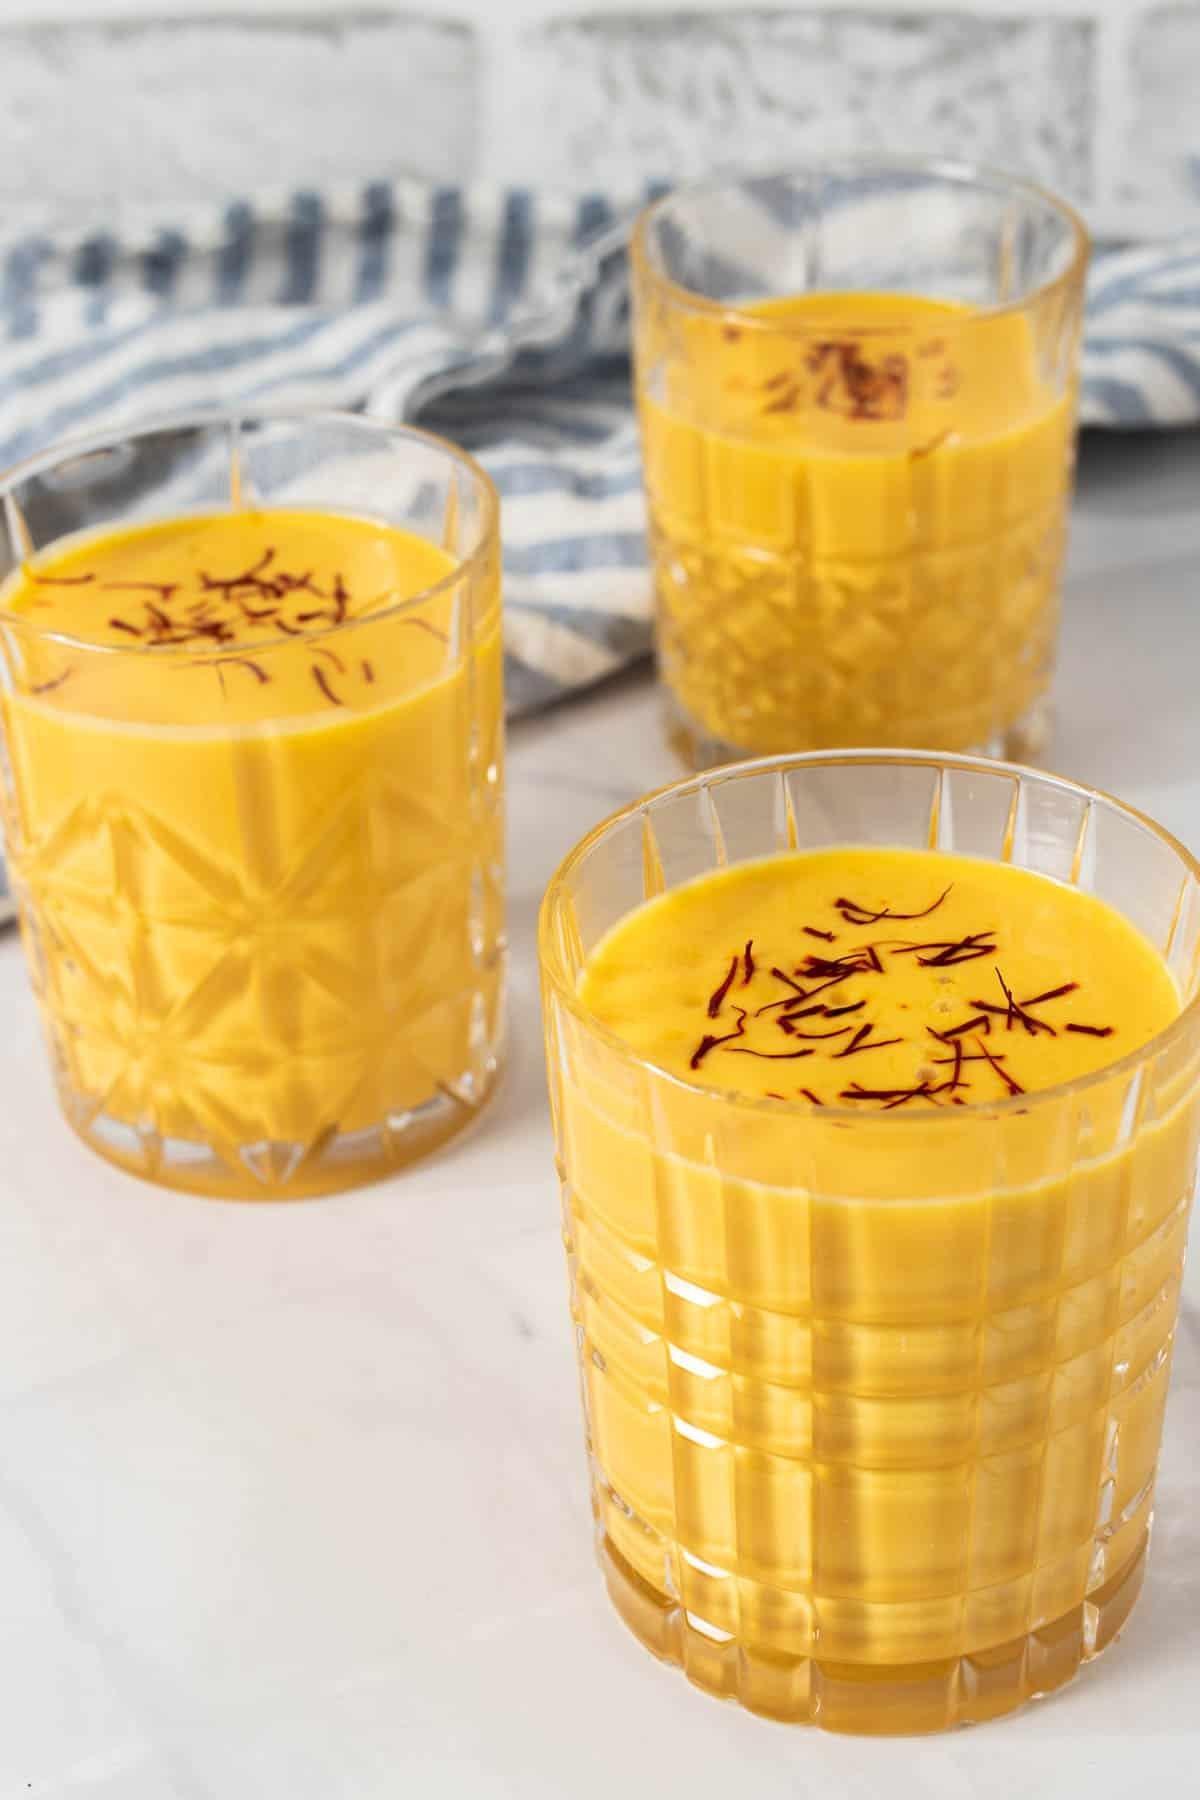 Three glasses of mango lassi with saffron garnish